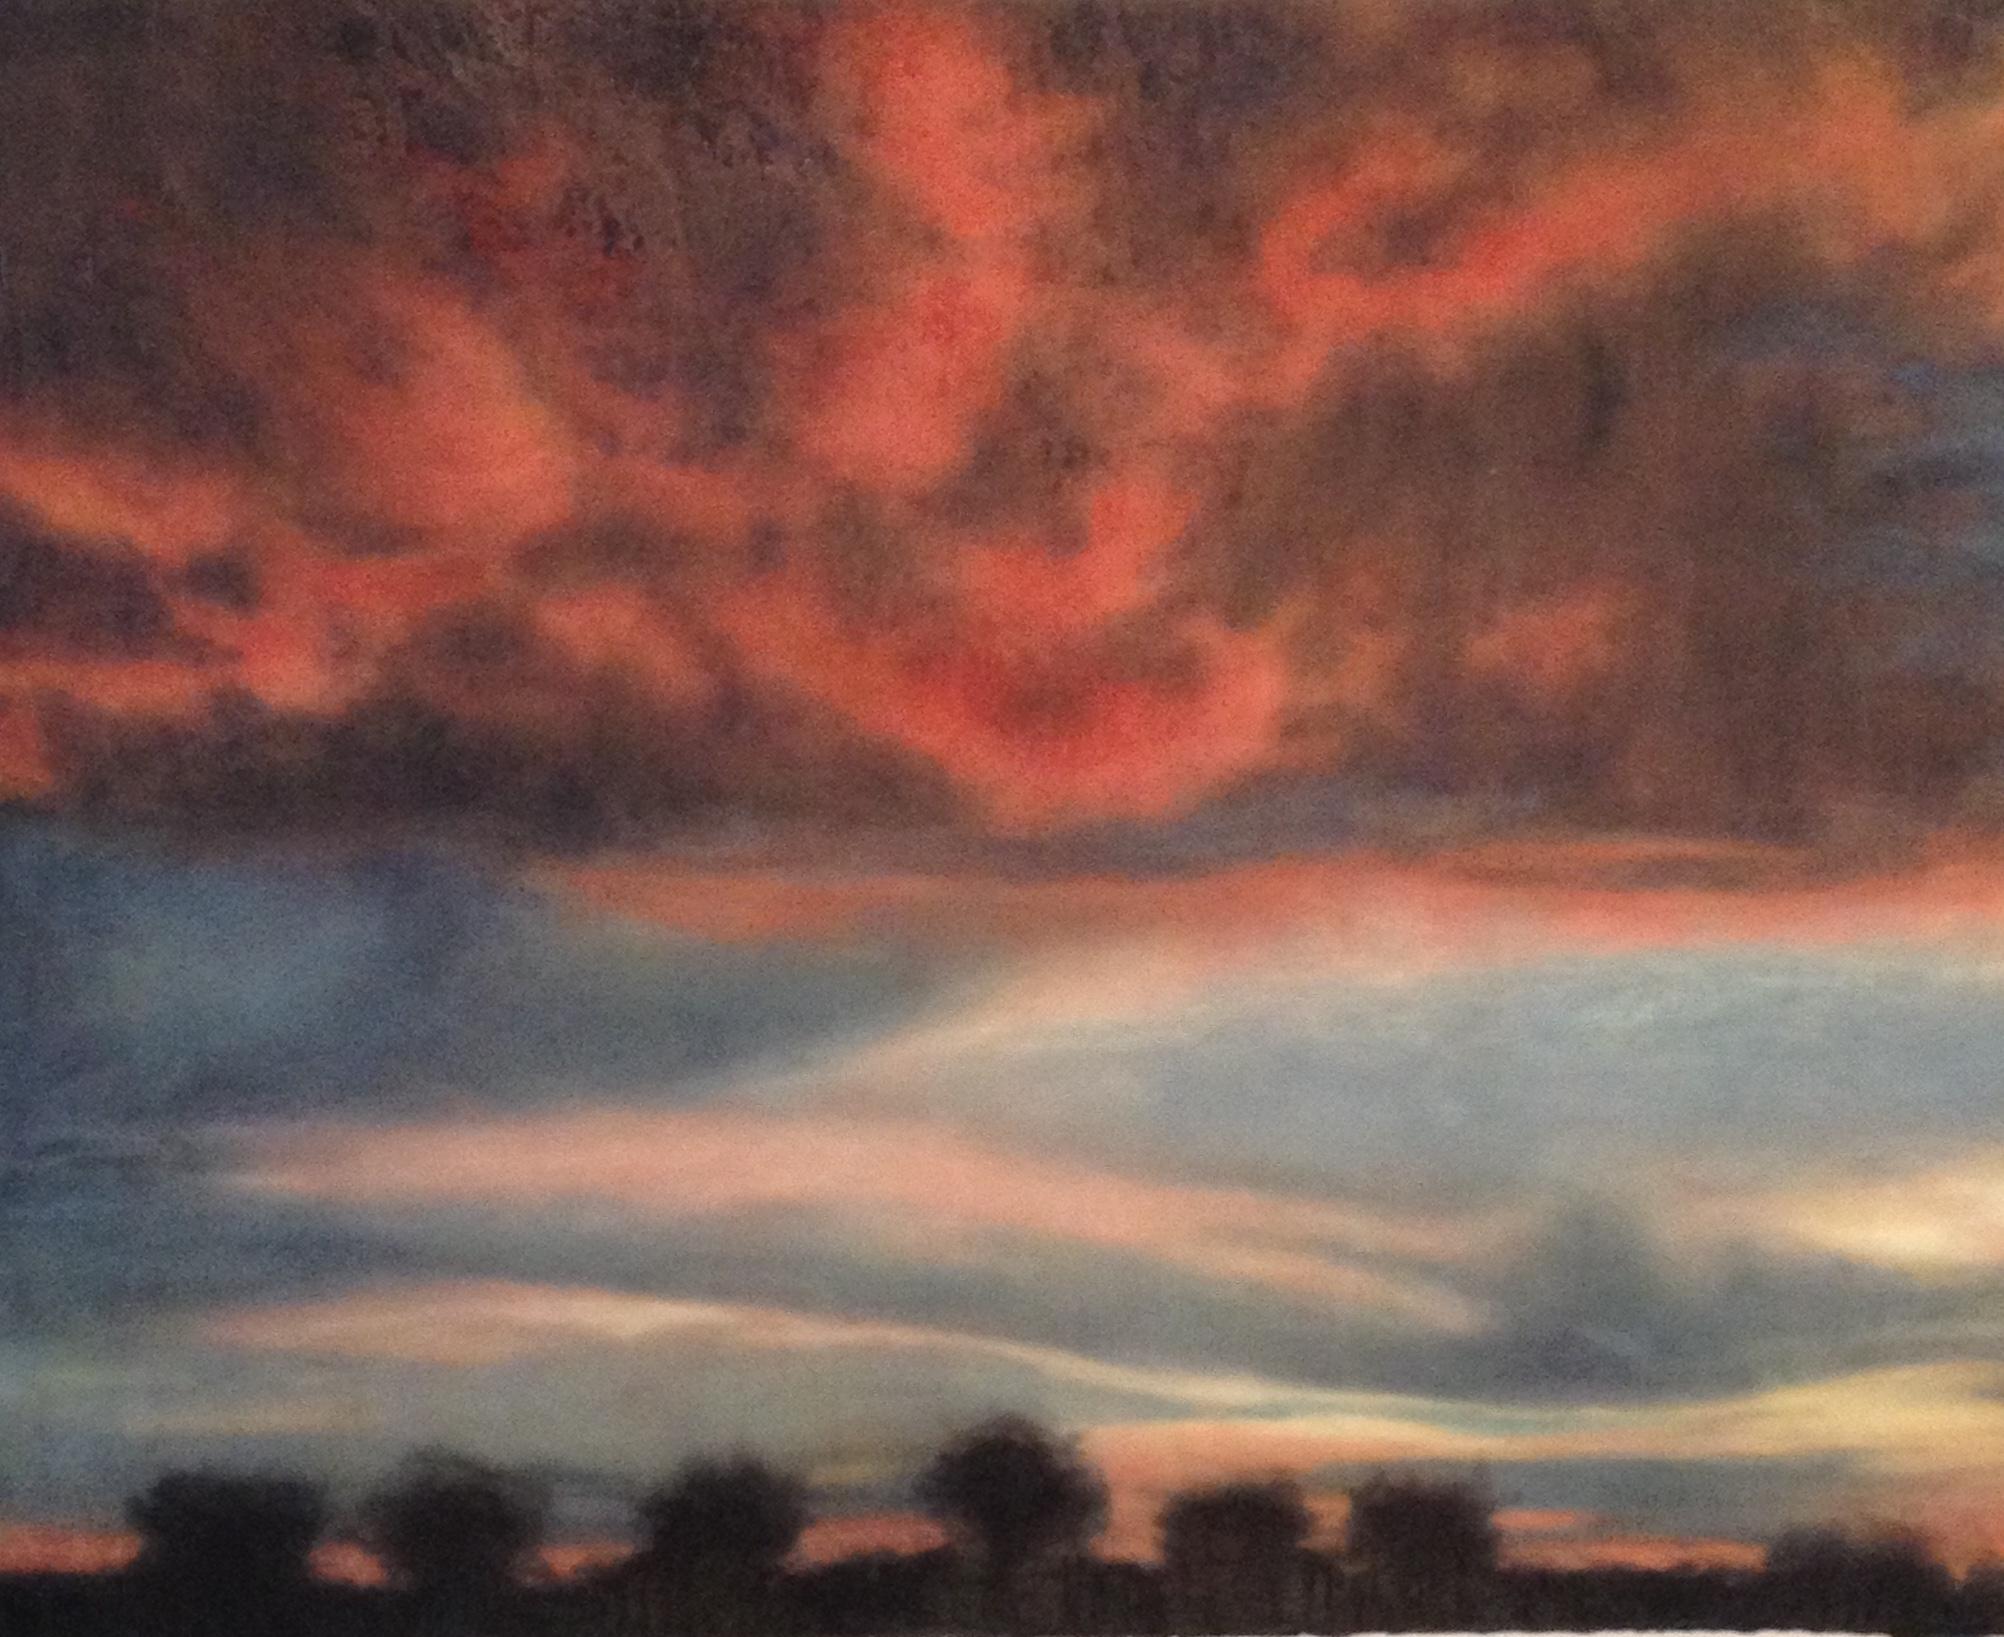 Fire Clouds, Zambia • 44 x 52.5